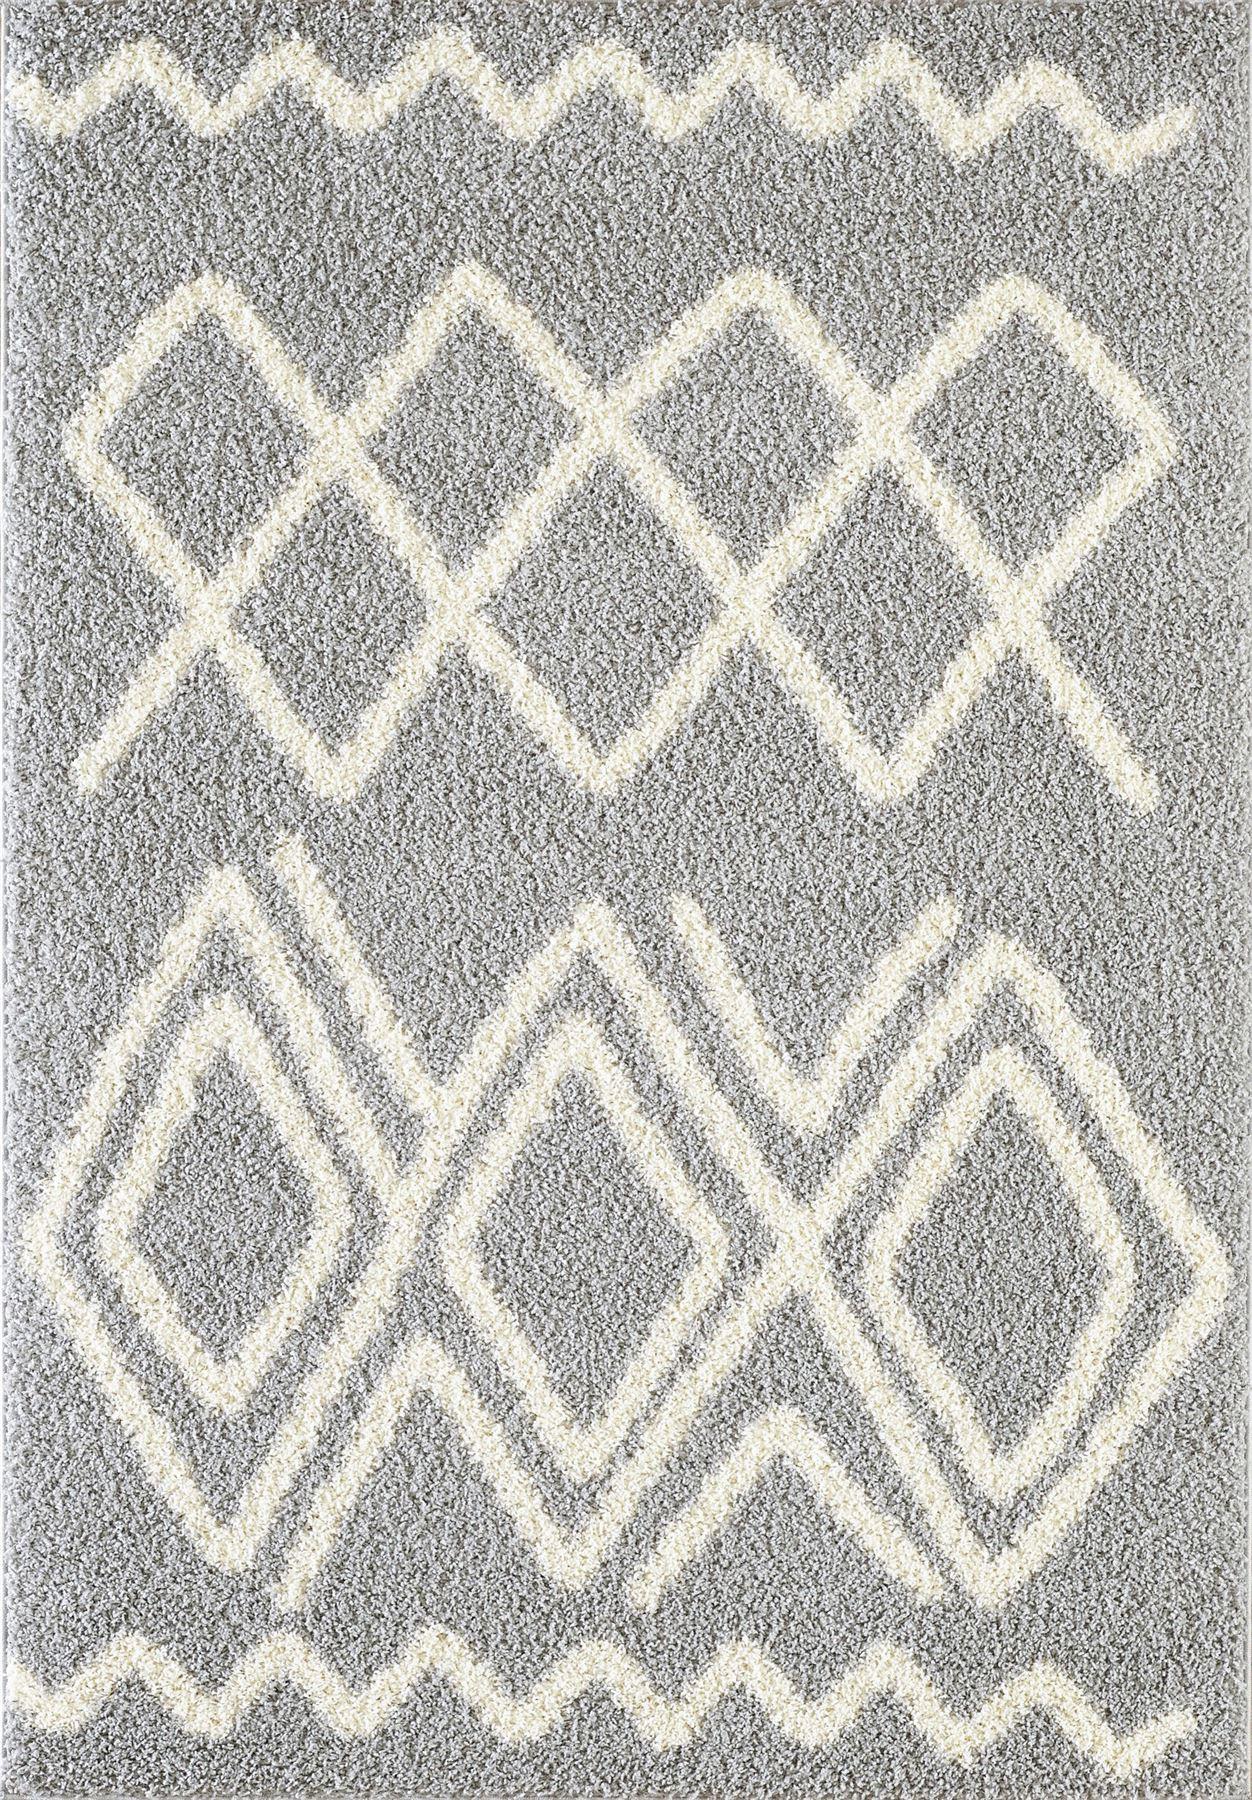 Tappeto-A2Z-Nero-Grigio-Avorio-tradizionale-marocchina-Shaggy-Berber-Boho-Tribal-3cm-Pile miniatura 51